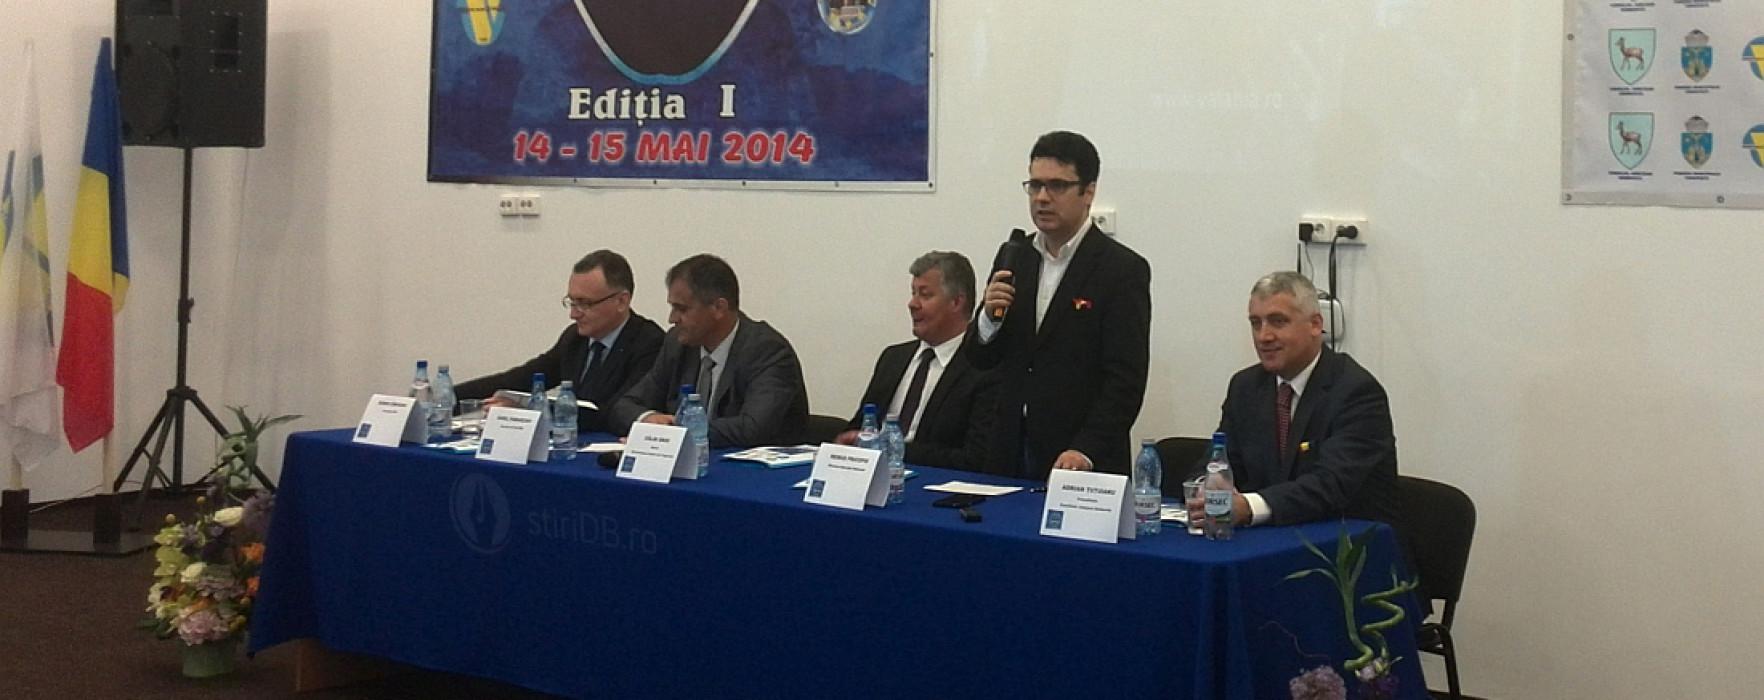 Ministrul Educaţiei, Remus Pricopie: Nu vreau să umblu la bacalaureat